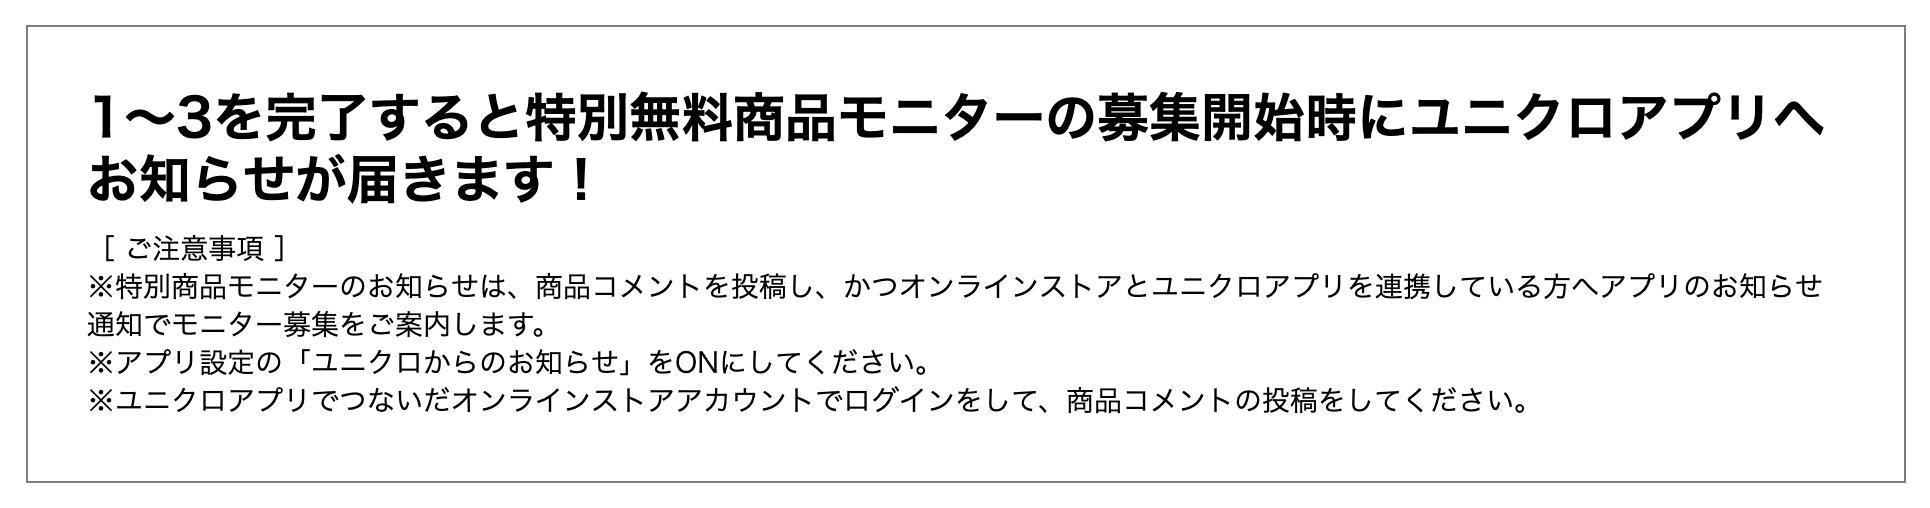 ユニクロの商品モニターのお知らせ